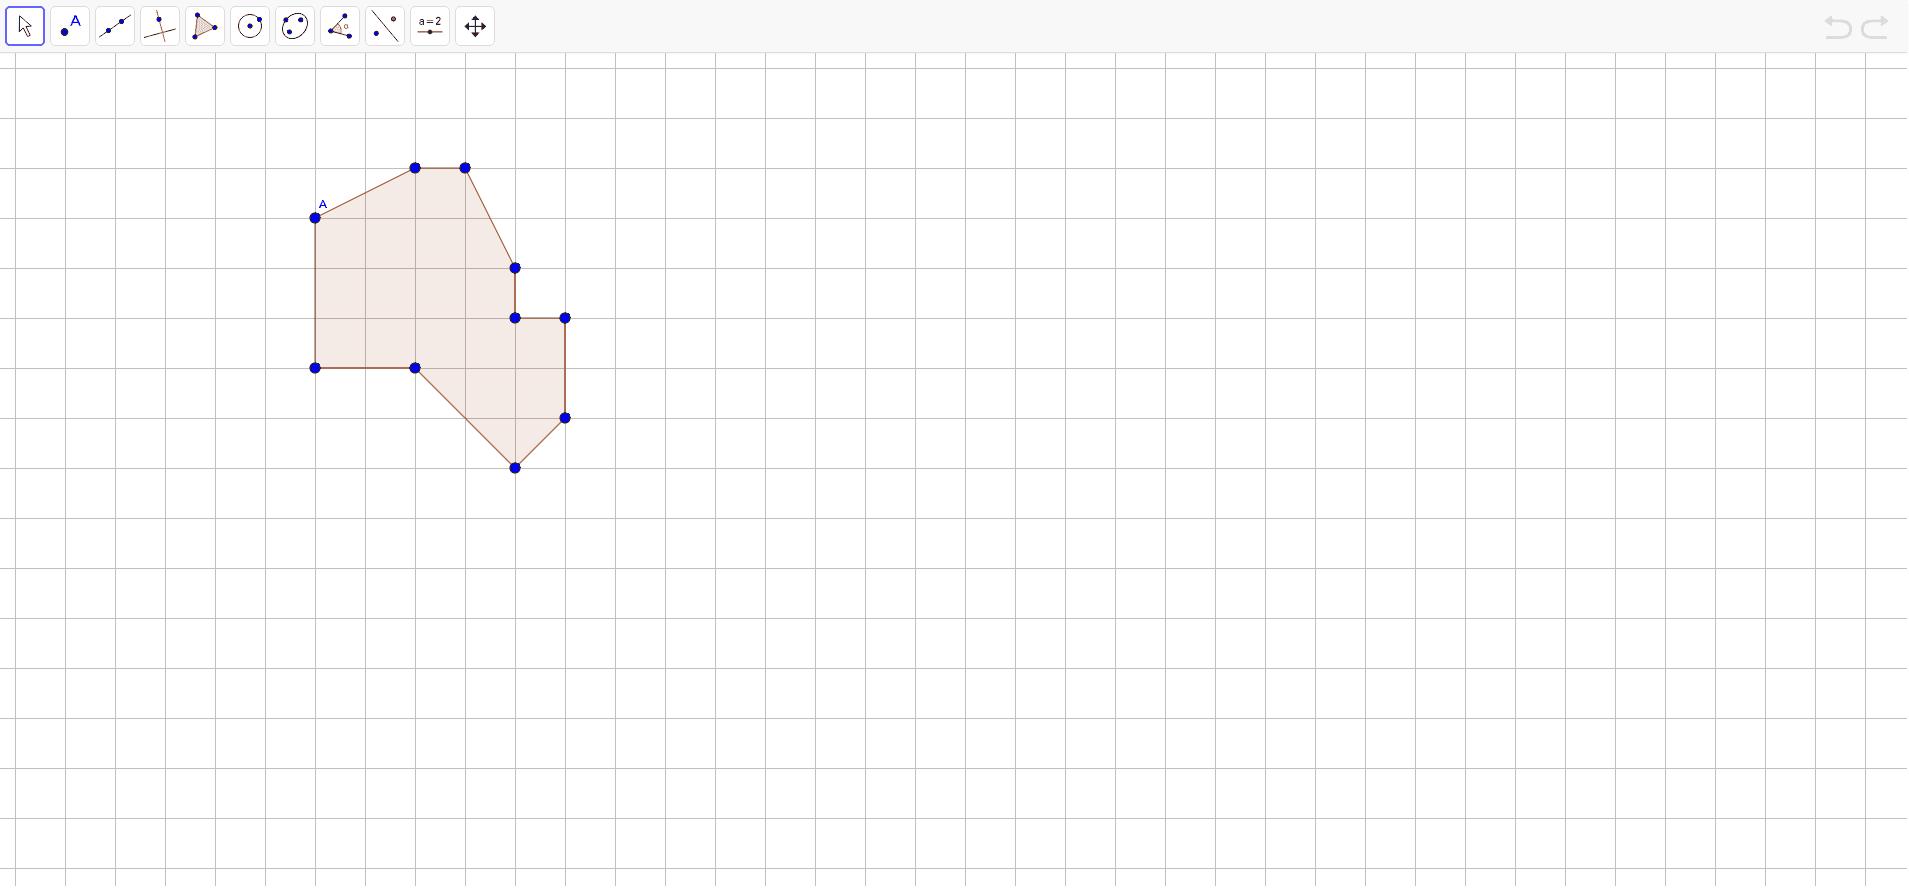 """Zarotirati nacrtan lik oko točke A u smjeru kazaljke na satu za 90 stupnjeva. Provjeriti točnost rješenja uz pomoć alata """"rotate around point""""."""